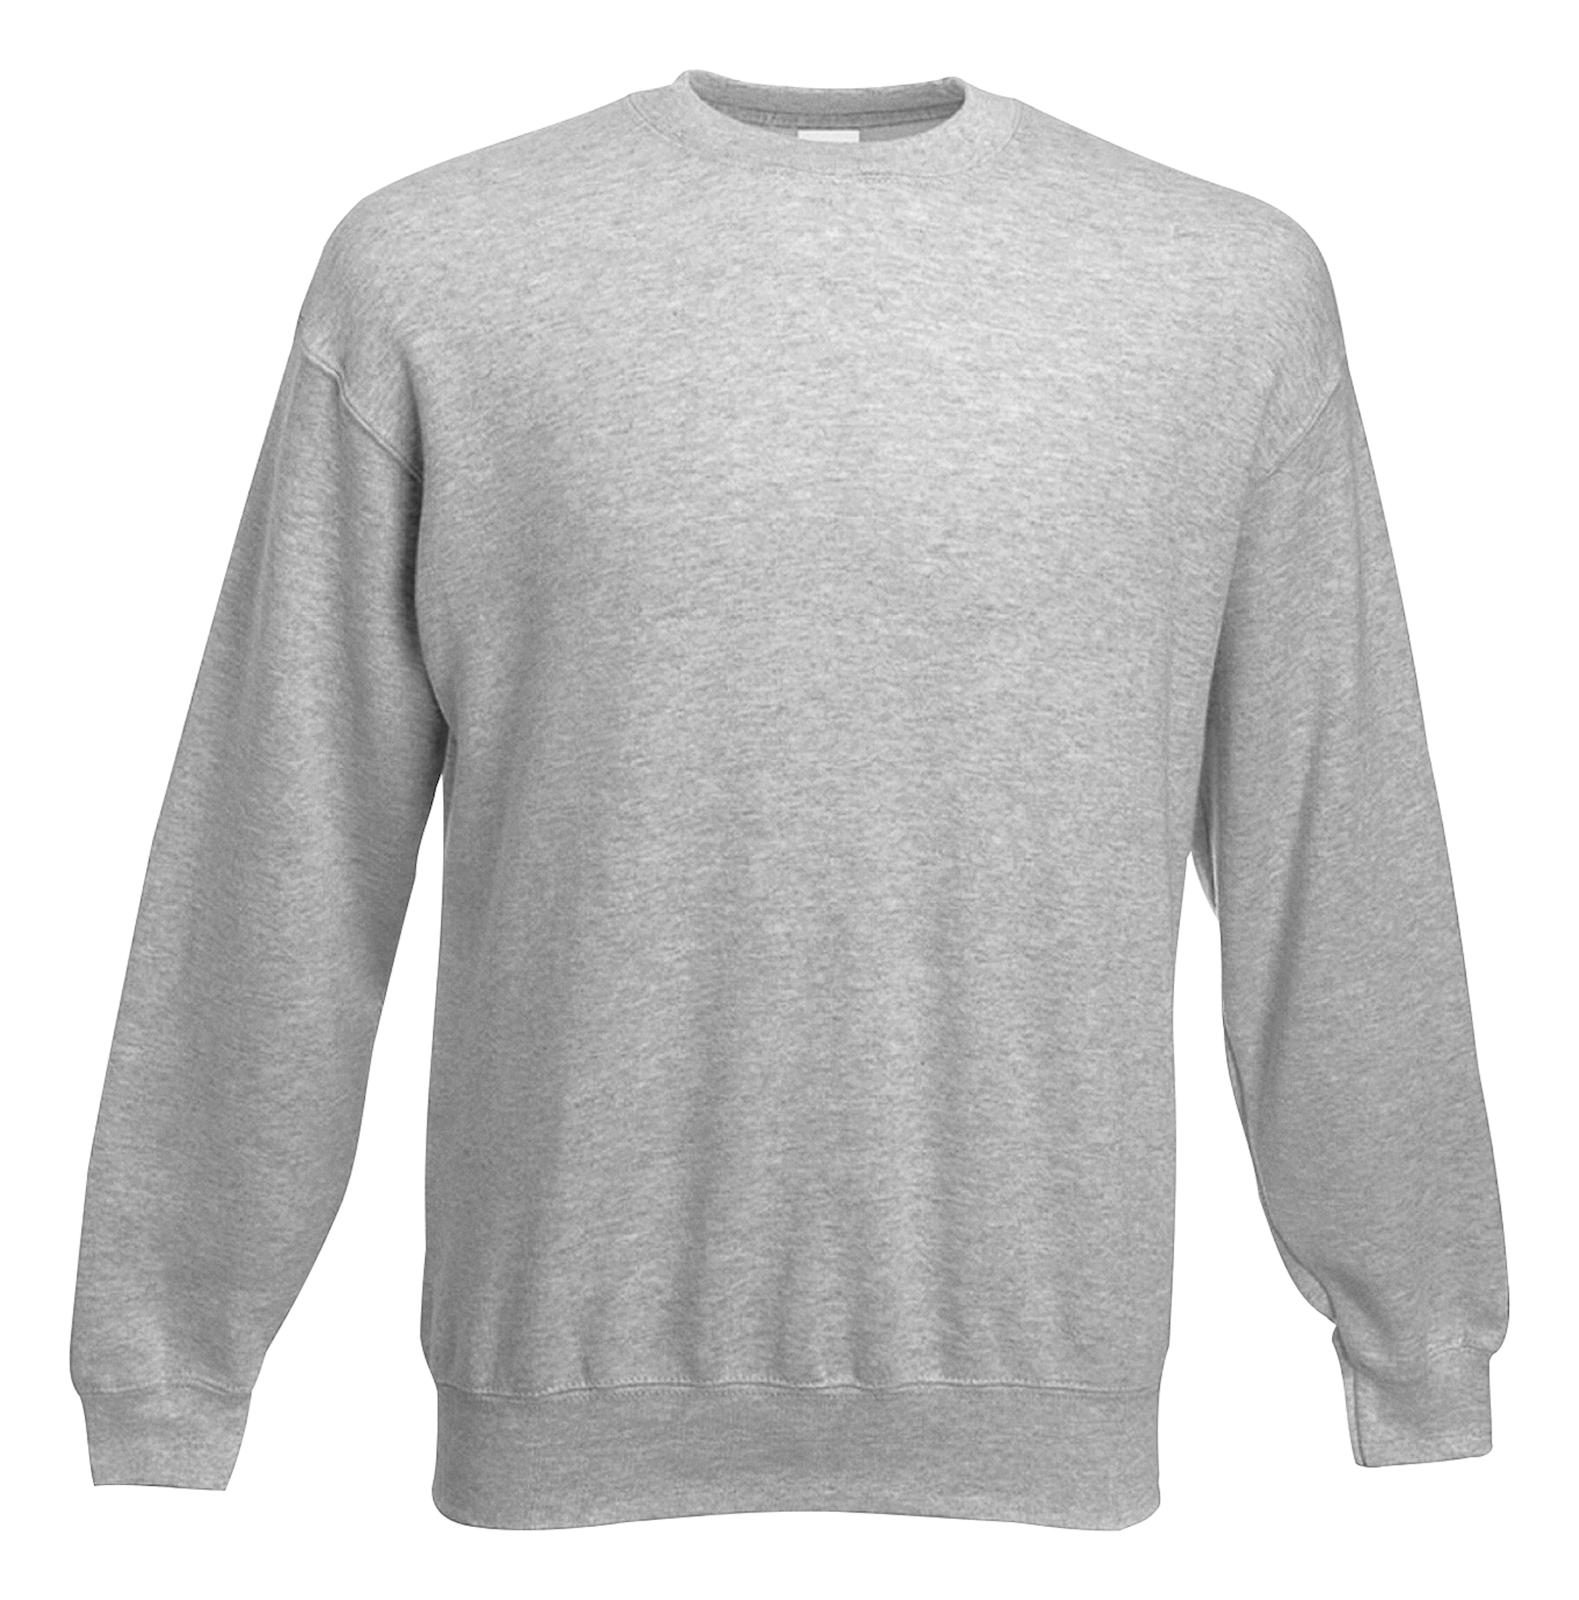 Sweatshirt gris - Shirts - LANDI